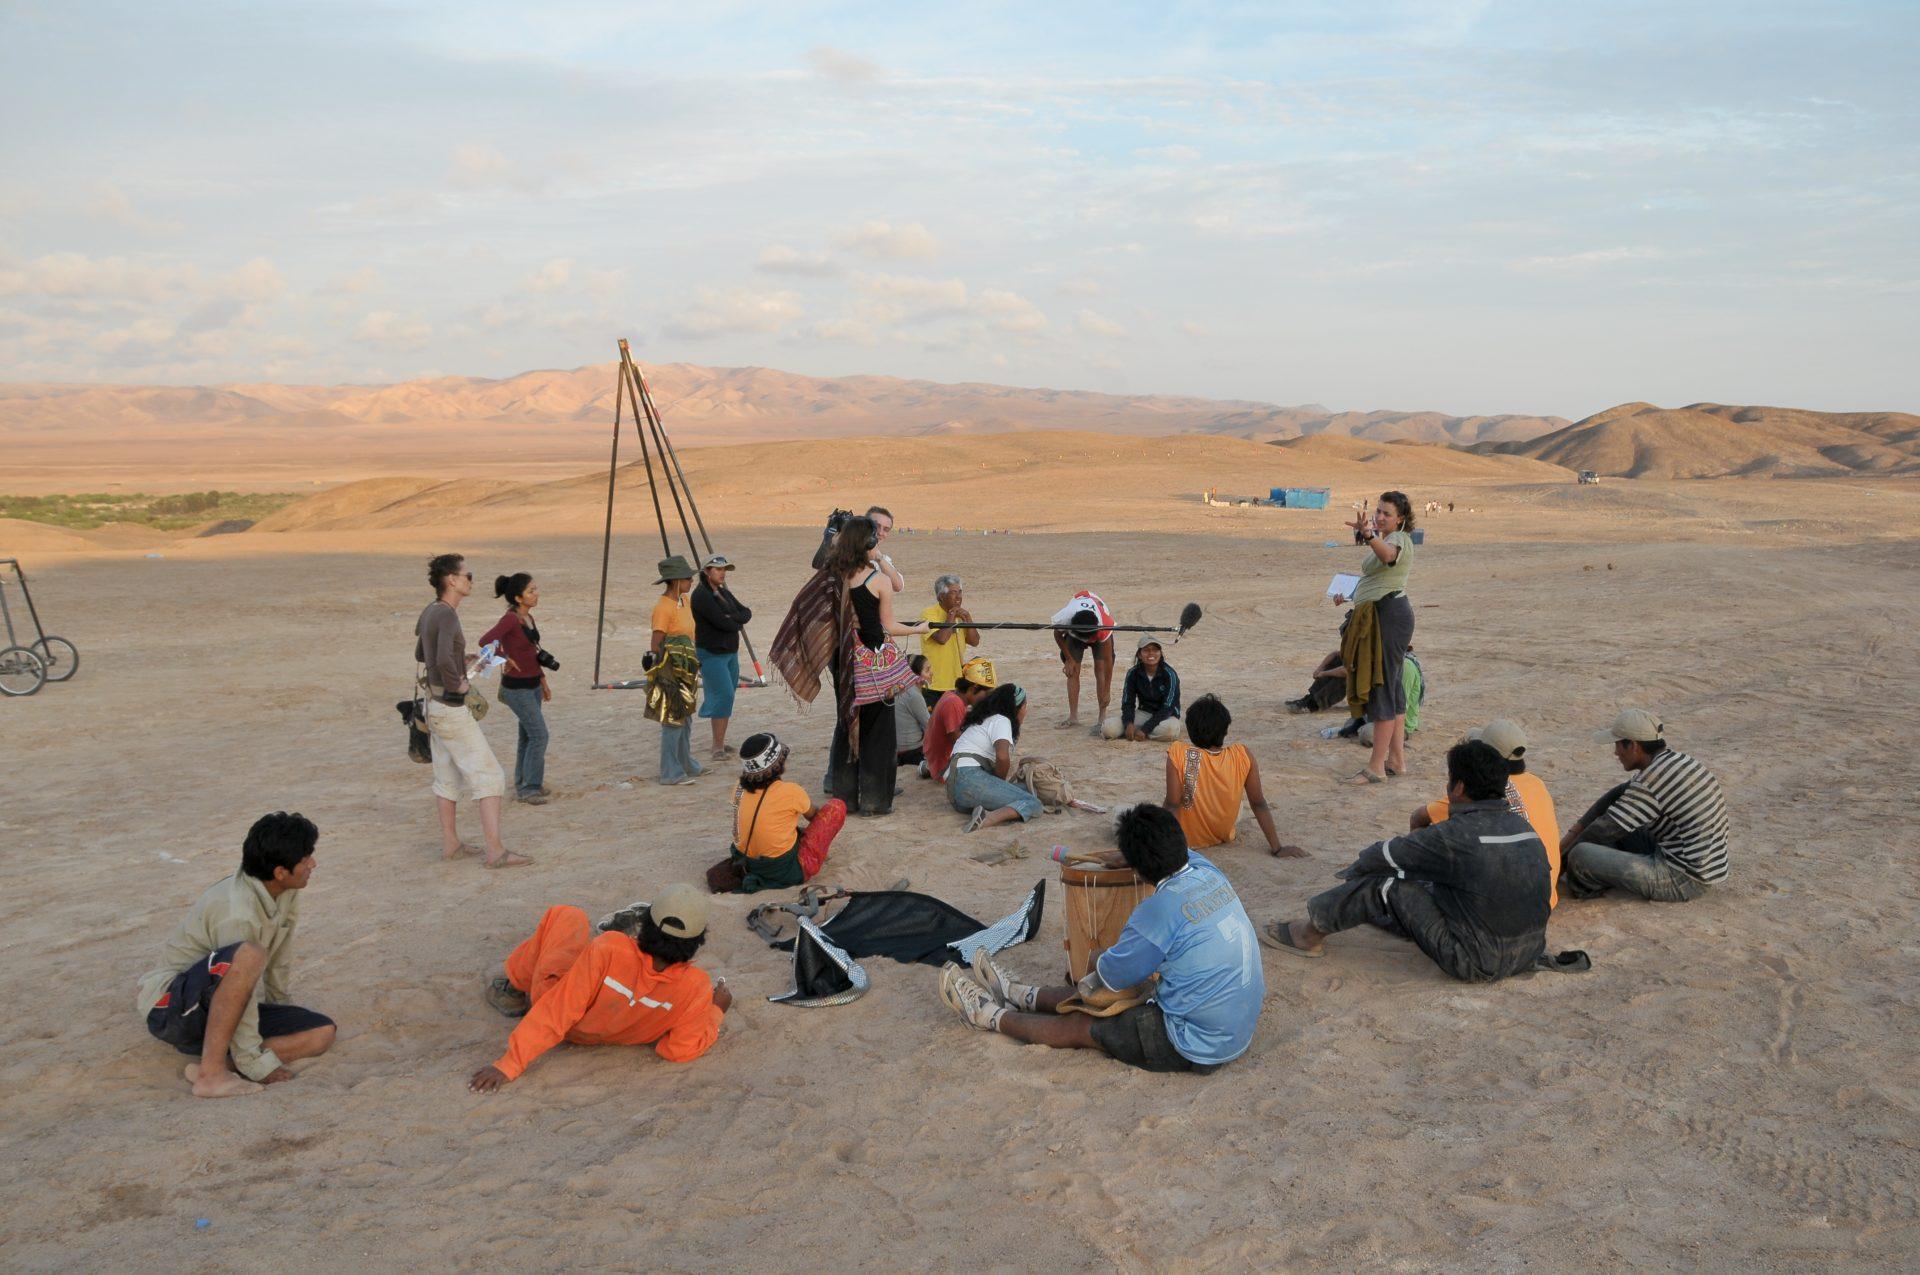 2008_peru_desierto_rehearsal_present3_06_desert